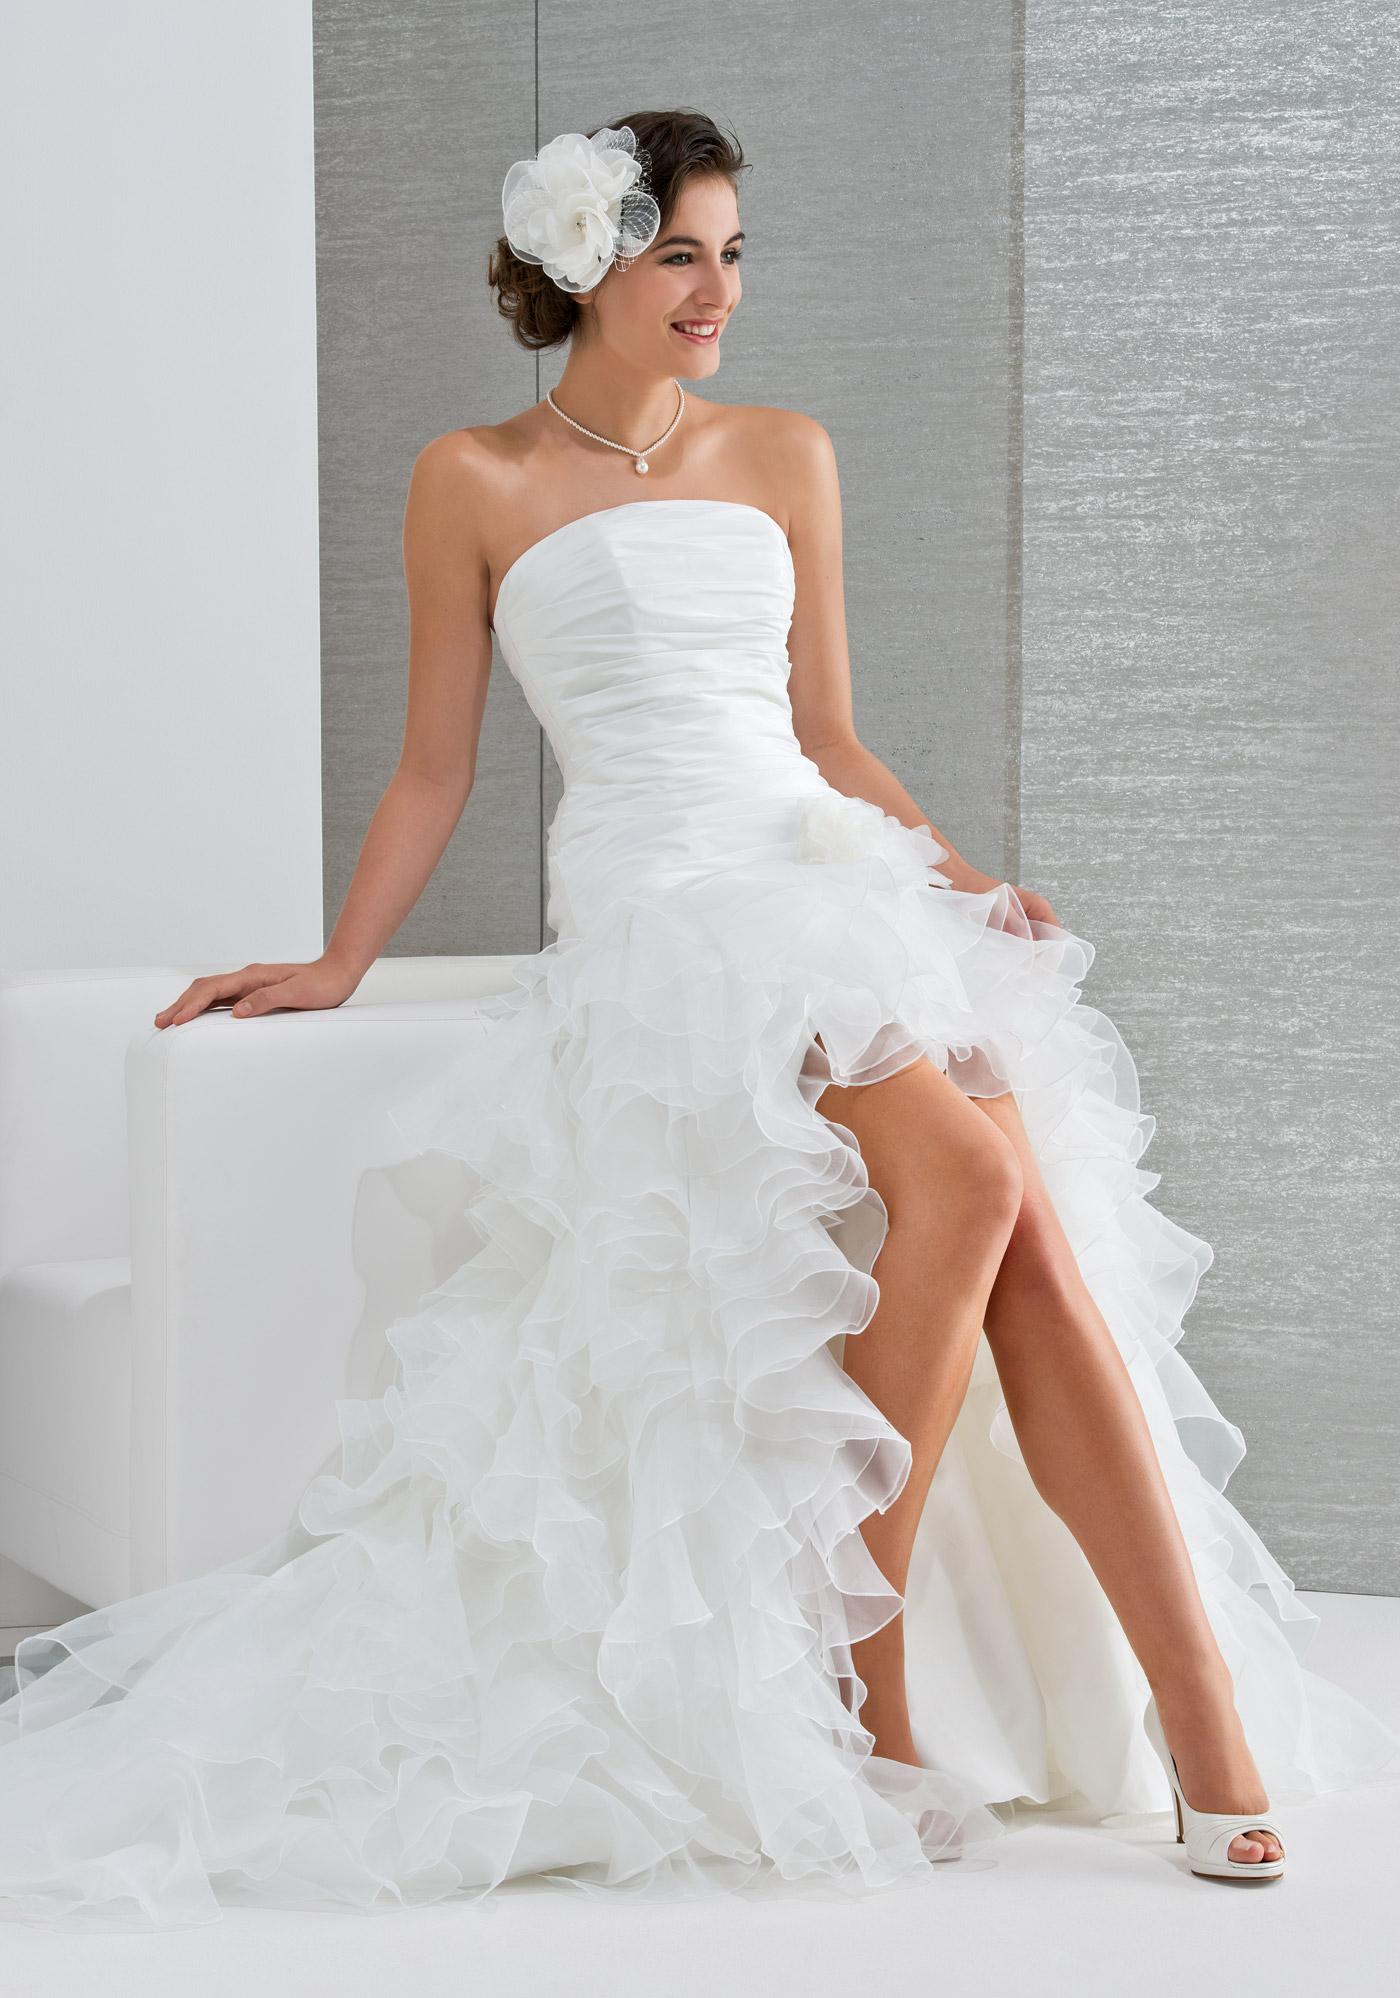 Osez la robe de mariée courte pour votre mariage